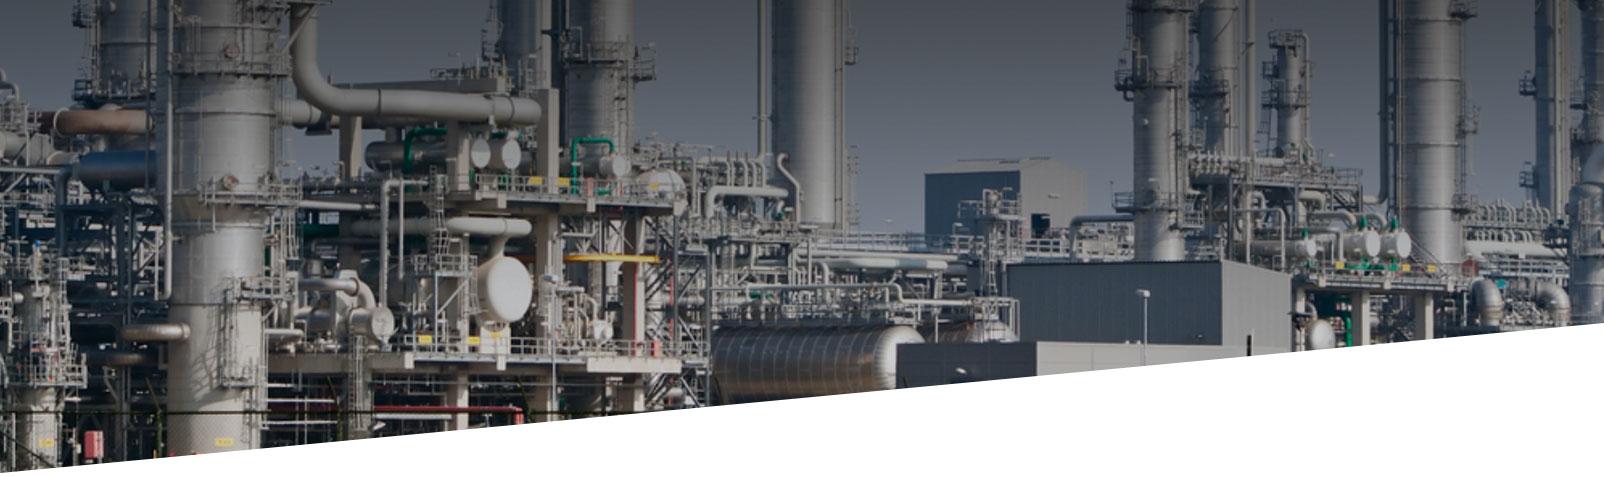 industrial engineering plant